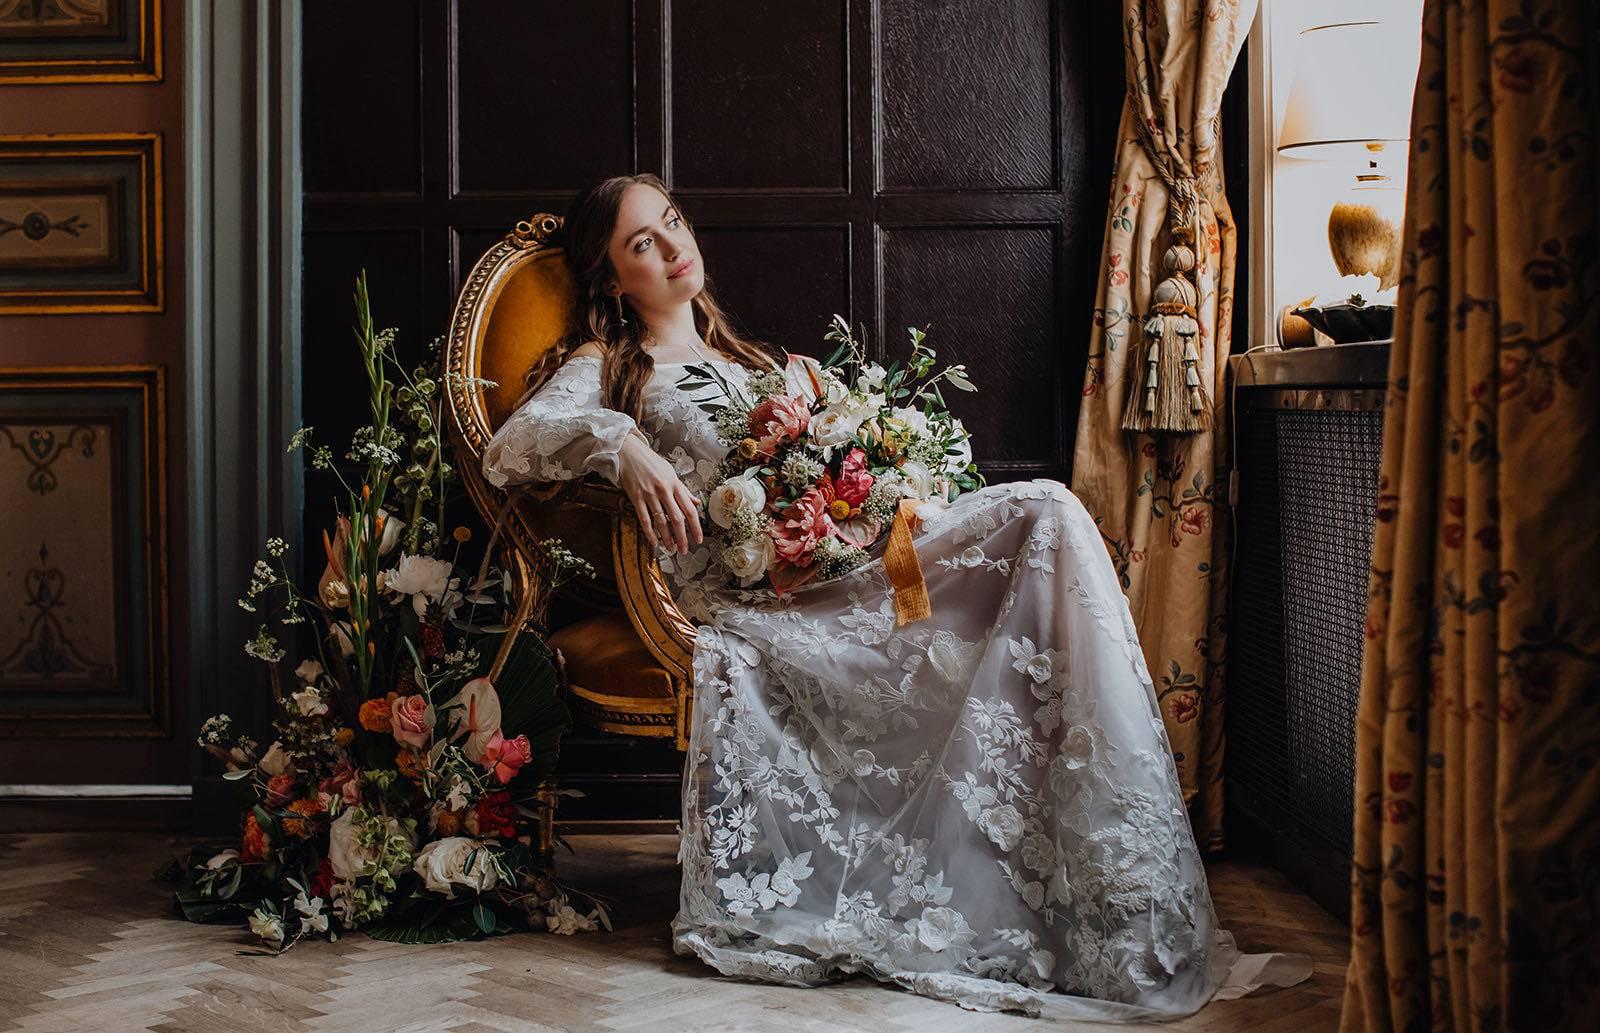 VIVA Blooming - lux visual 3 - House of Weddings